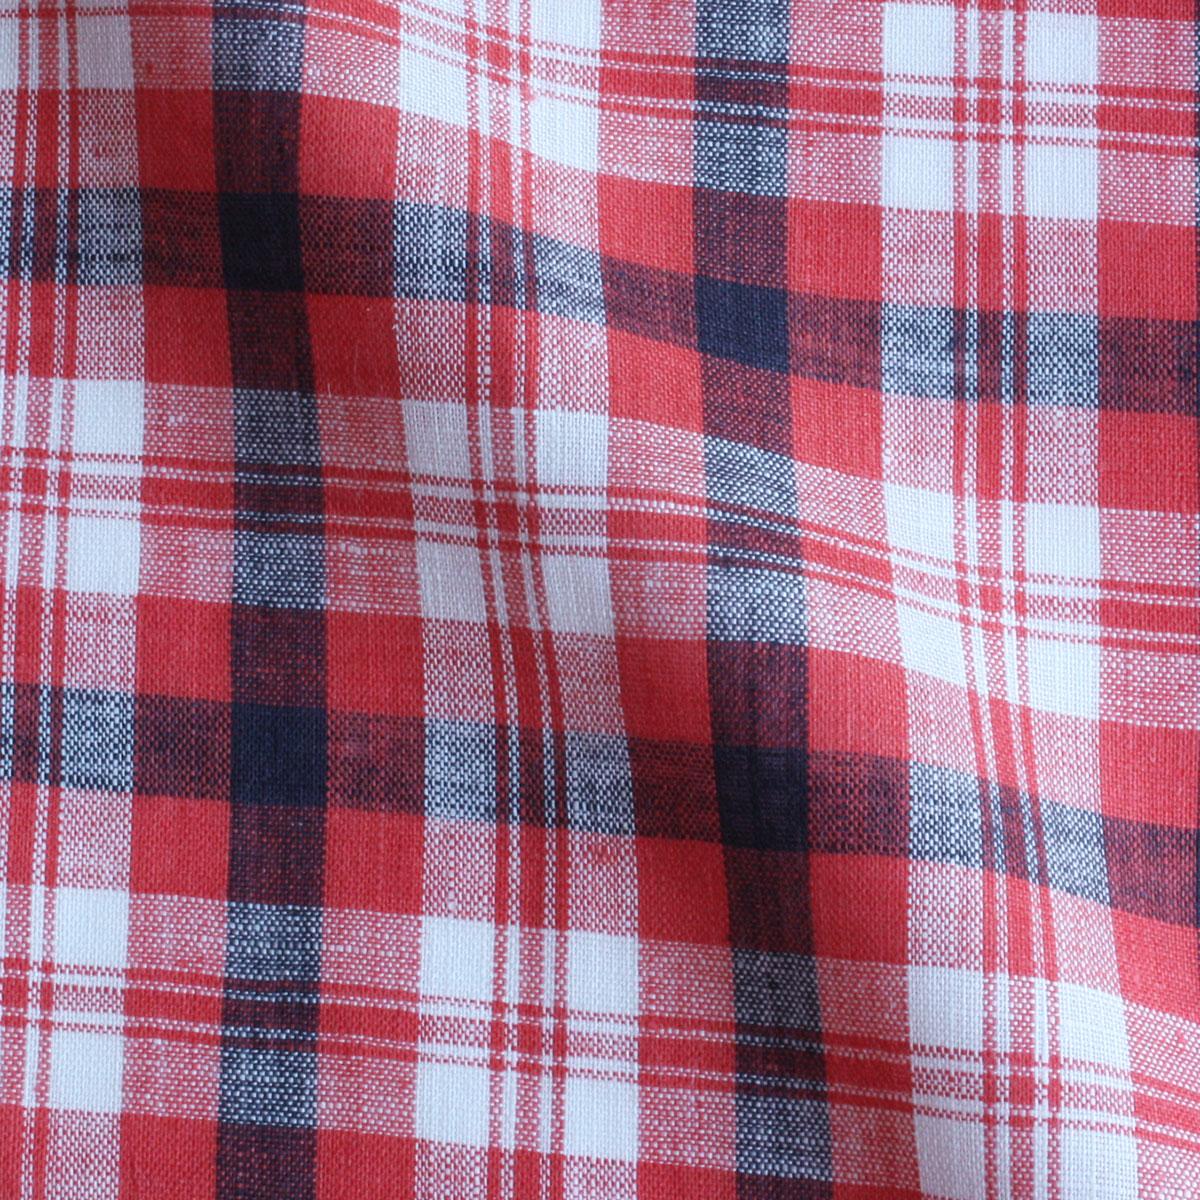 Cadeauya【リネン100% ハンカチ】リネンハンカチ チェック45 レッド×ネイビー 45×45cm平織り 男女兼用